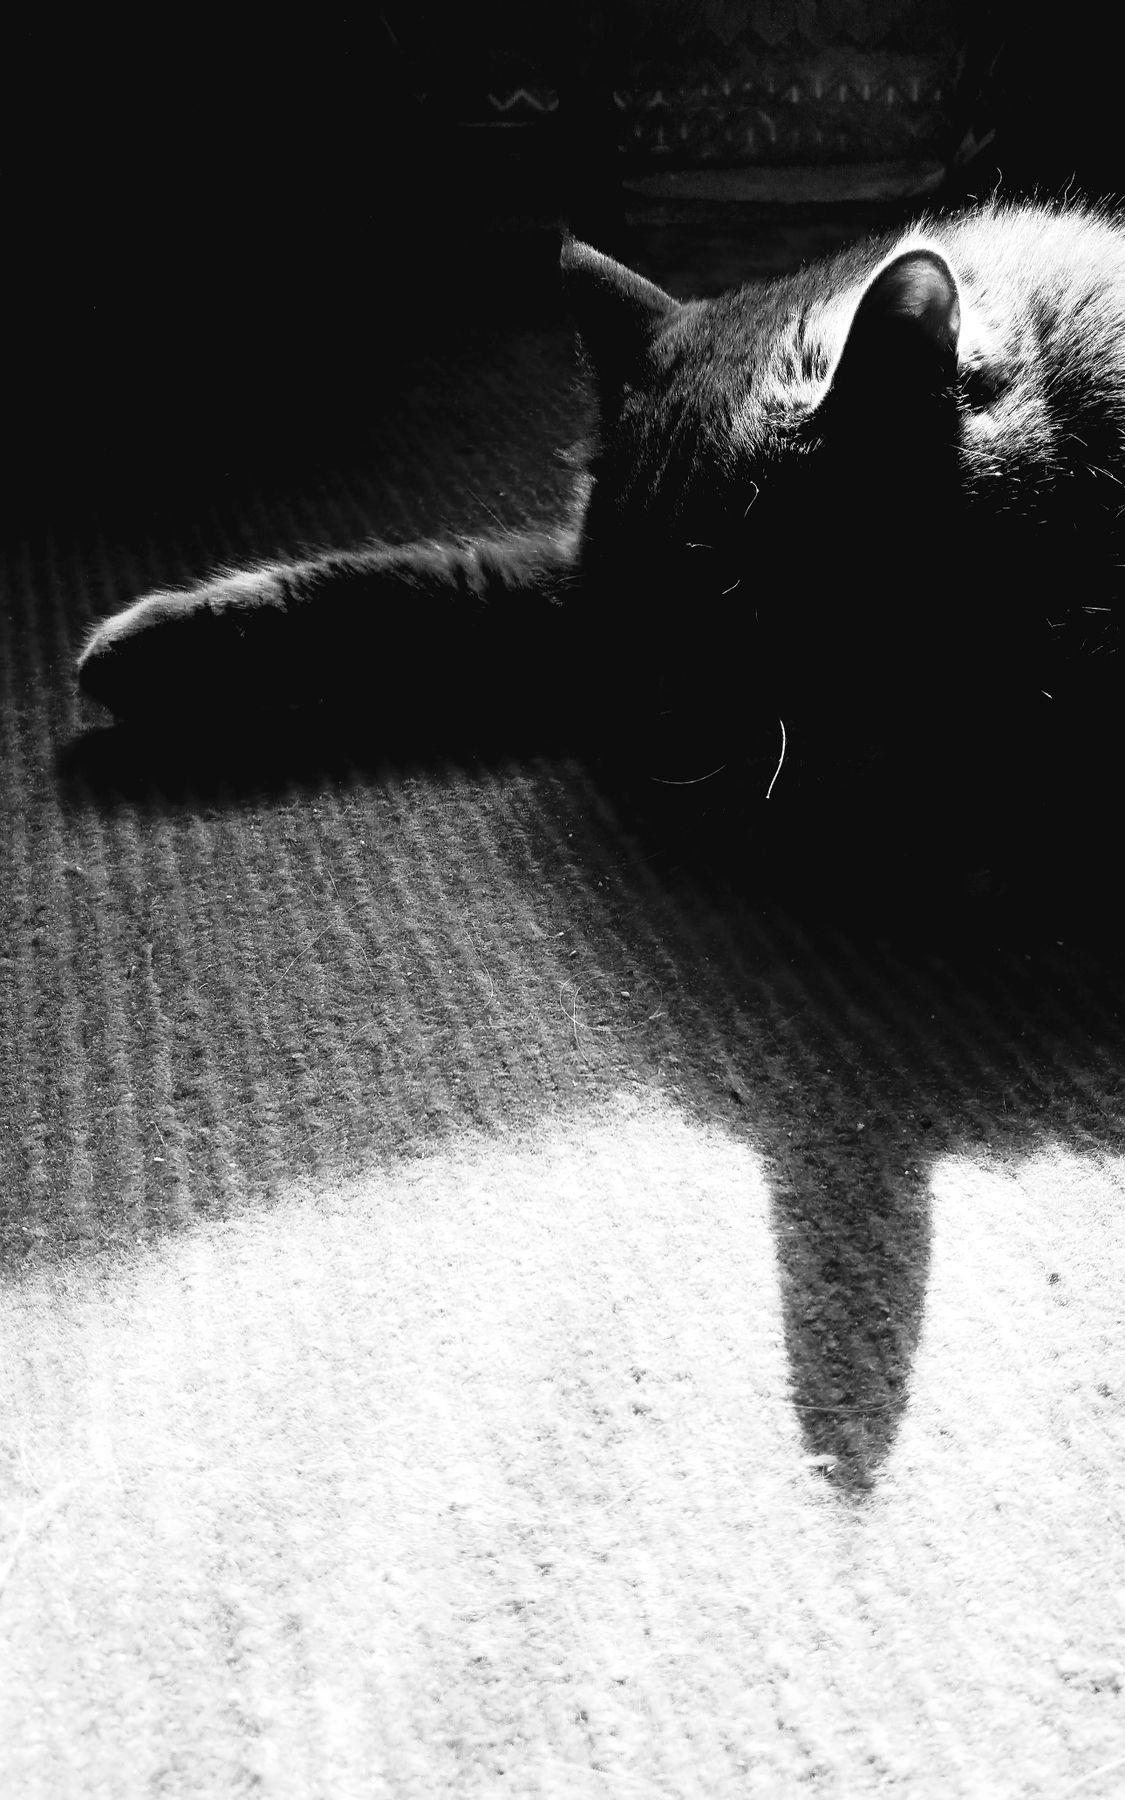 утренний этюд Утро кошка счастье